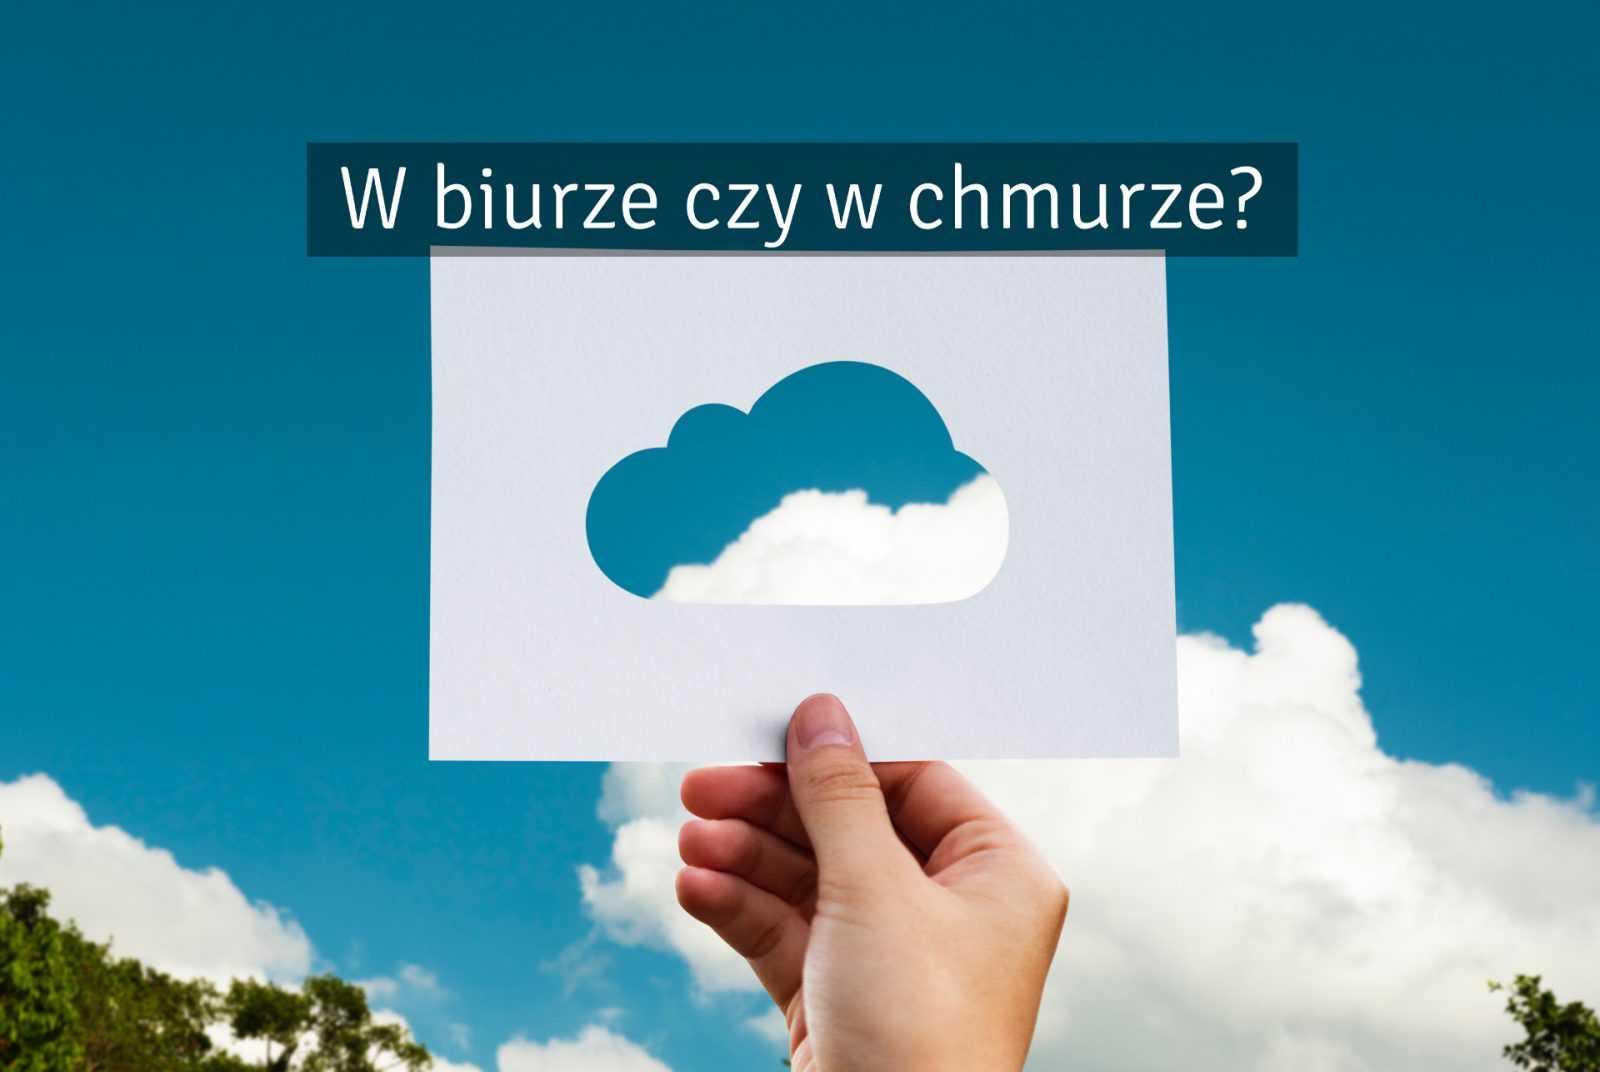 serwer-w-biurze-czy-w-chmurze